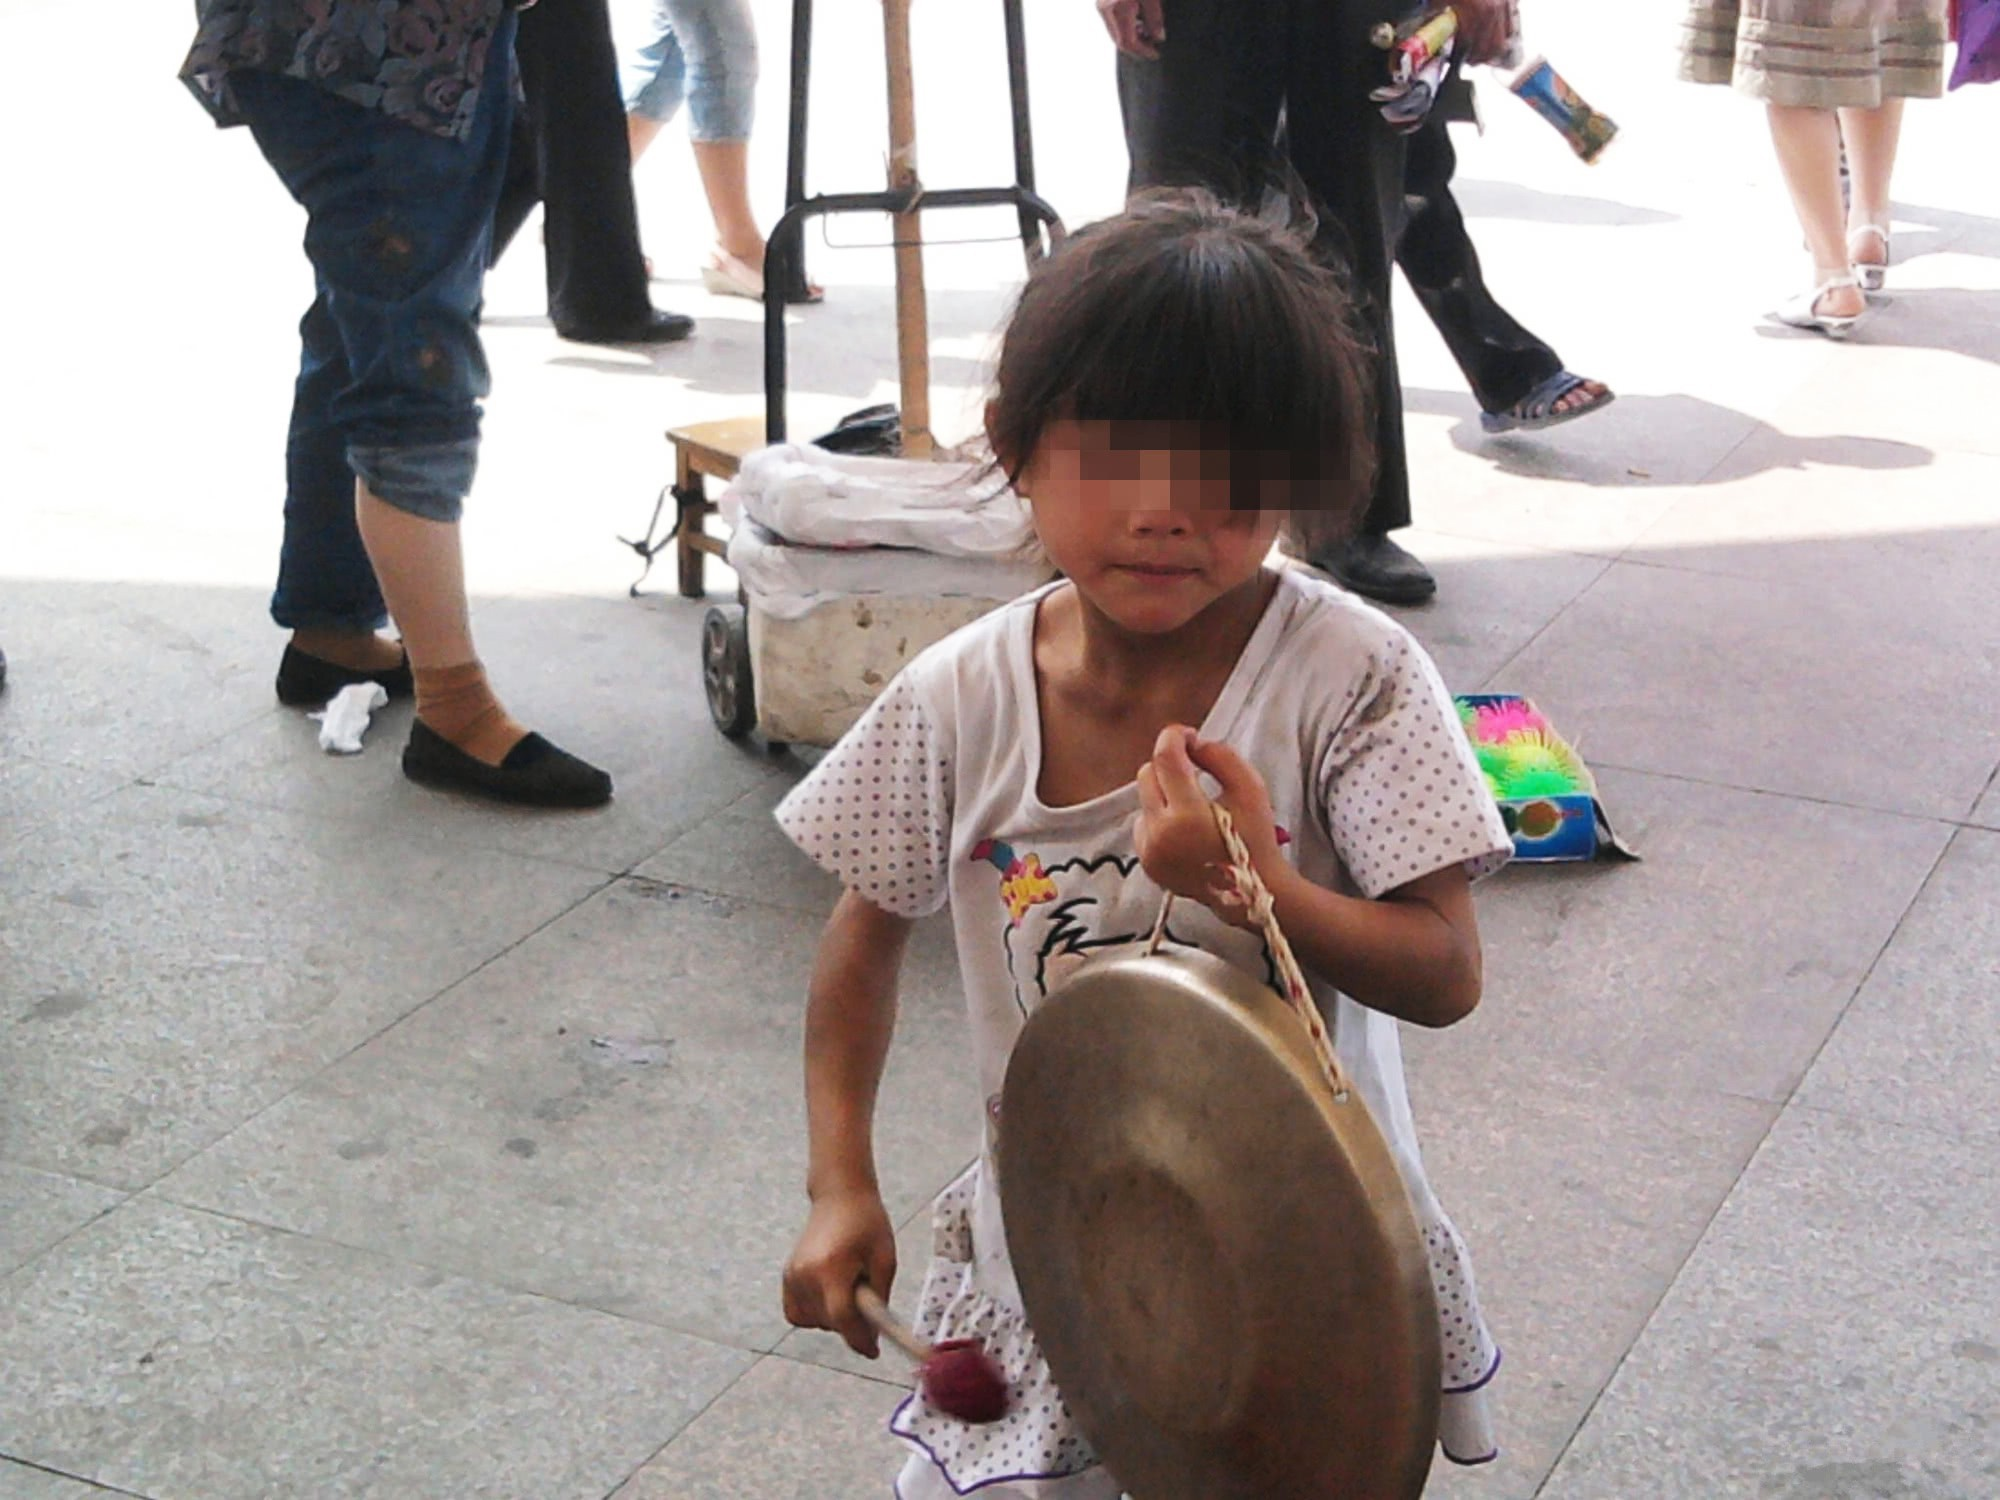 VZN News: Gặp lại con sau 3 năm bị bắt cóc, người mẹ nhẫn tâm ngoảnh mặt đi và lý do khiến bao người rơi nước mắt vì cảm phục - Ảnh 1.